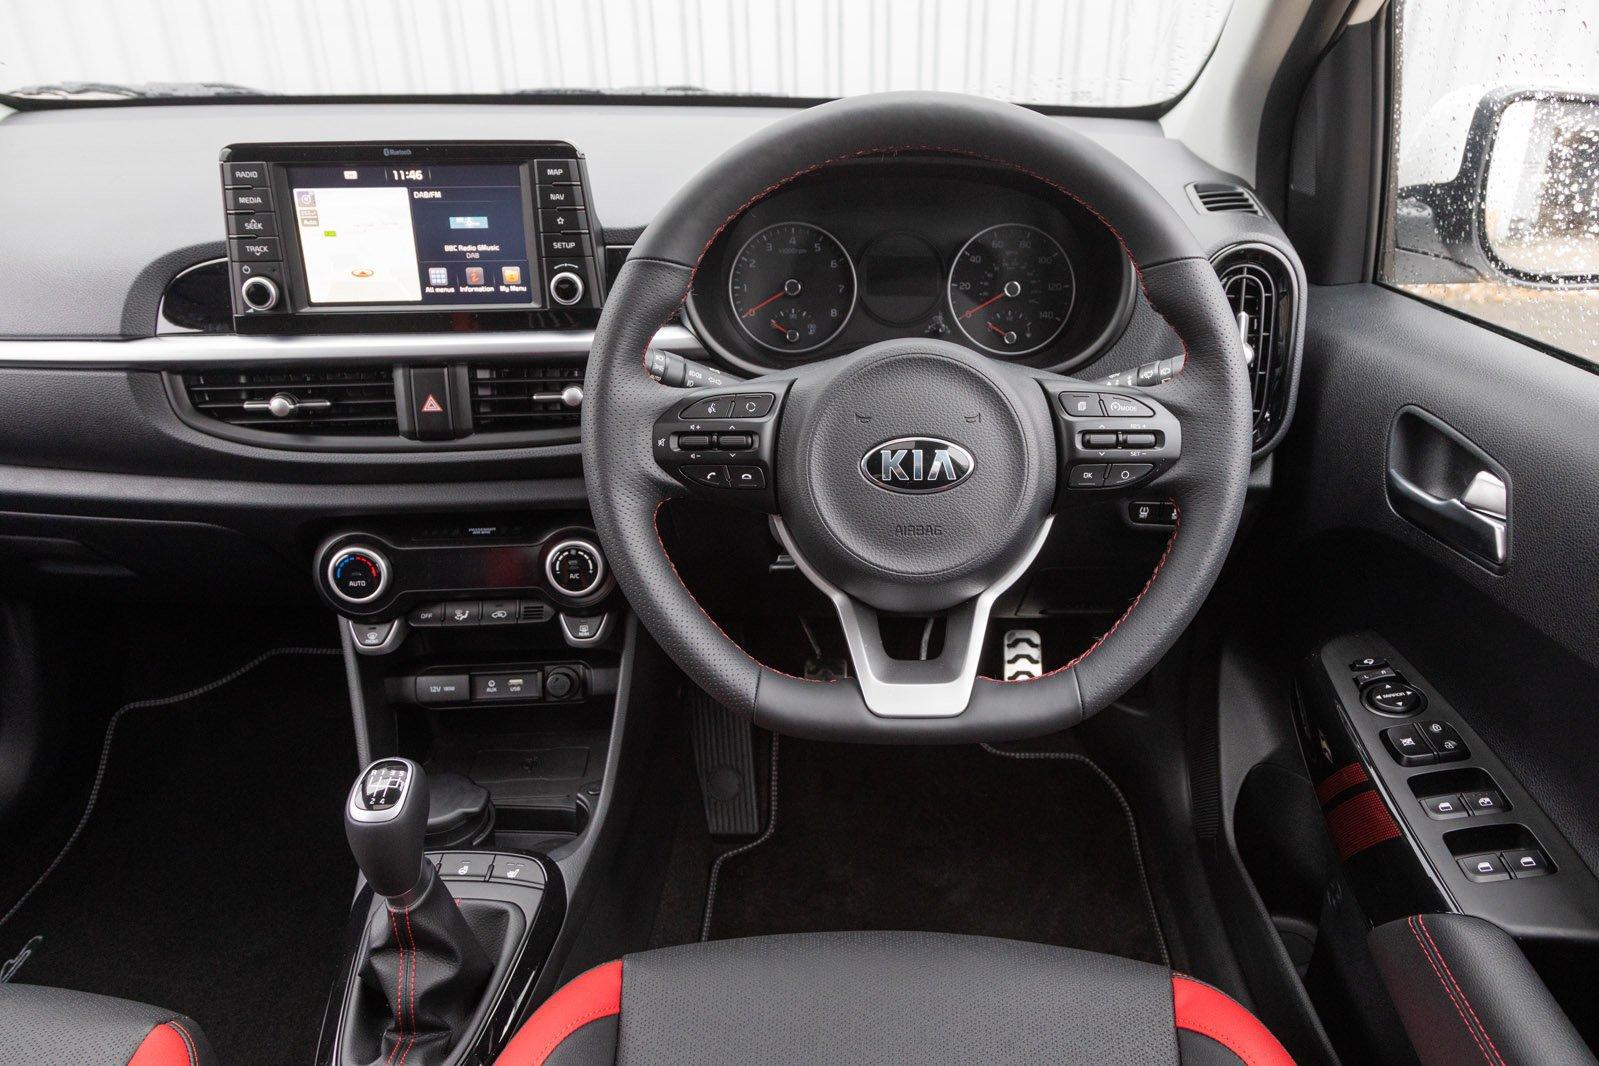 Kia Picanto 1.0 1 5dr - interior